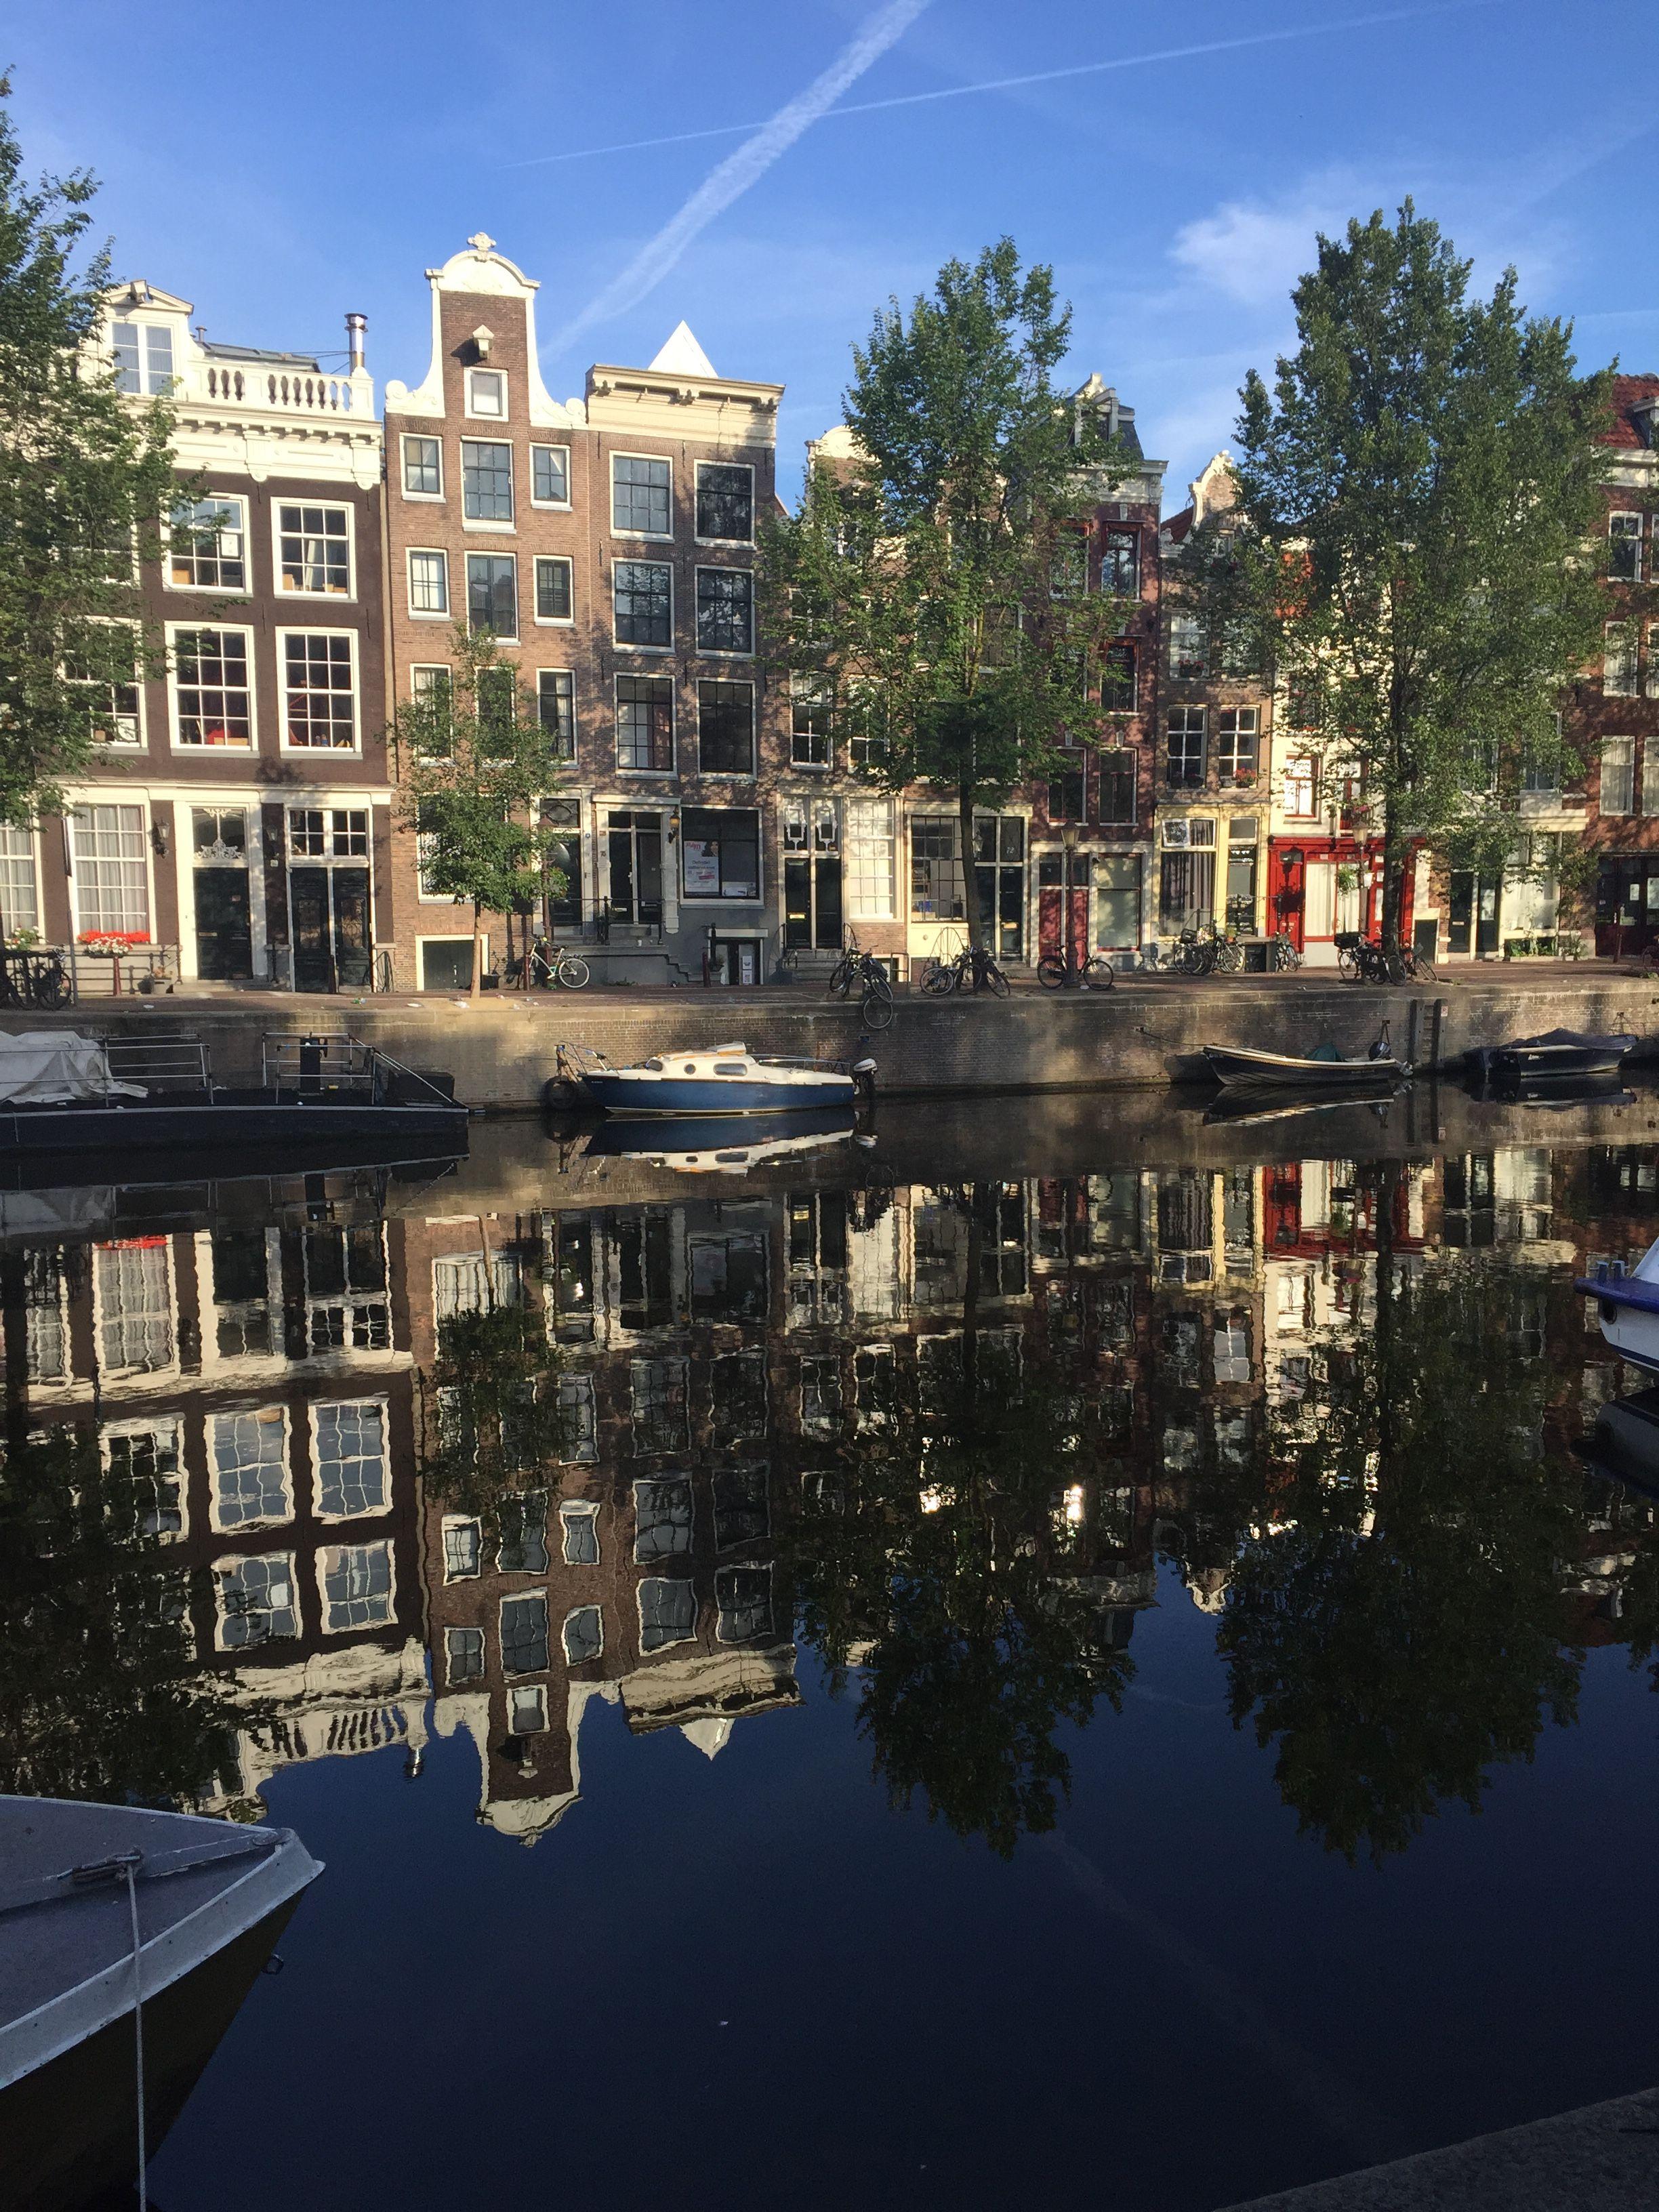 Caminando por las calles de Amsterdam /2015